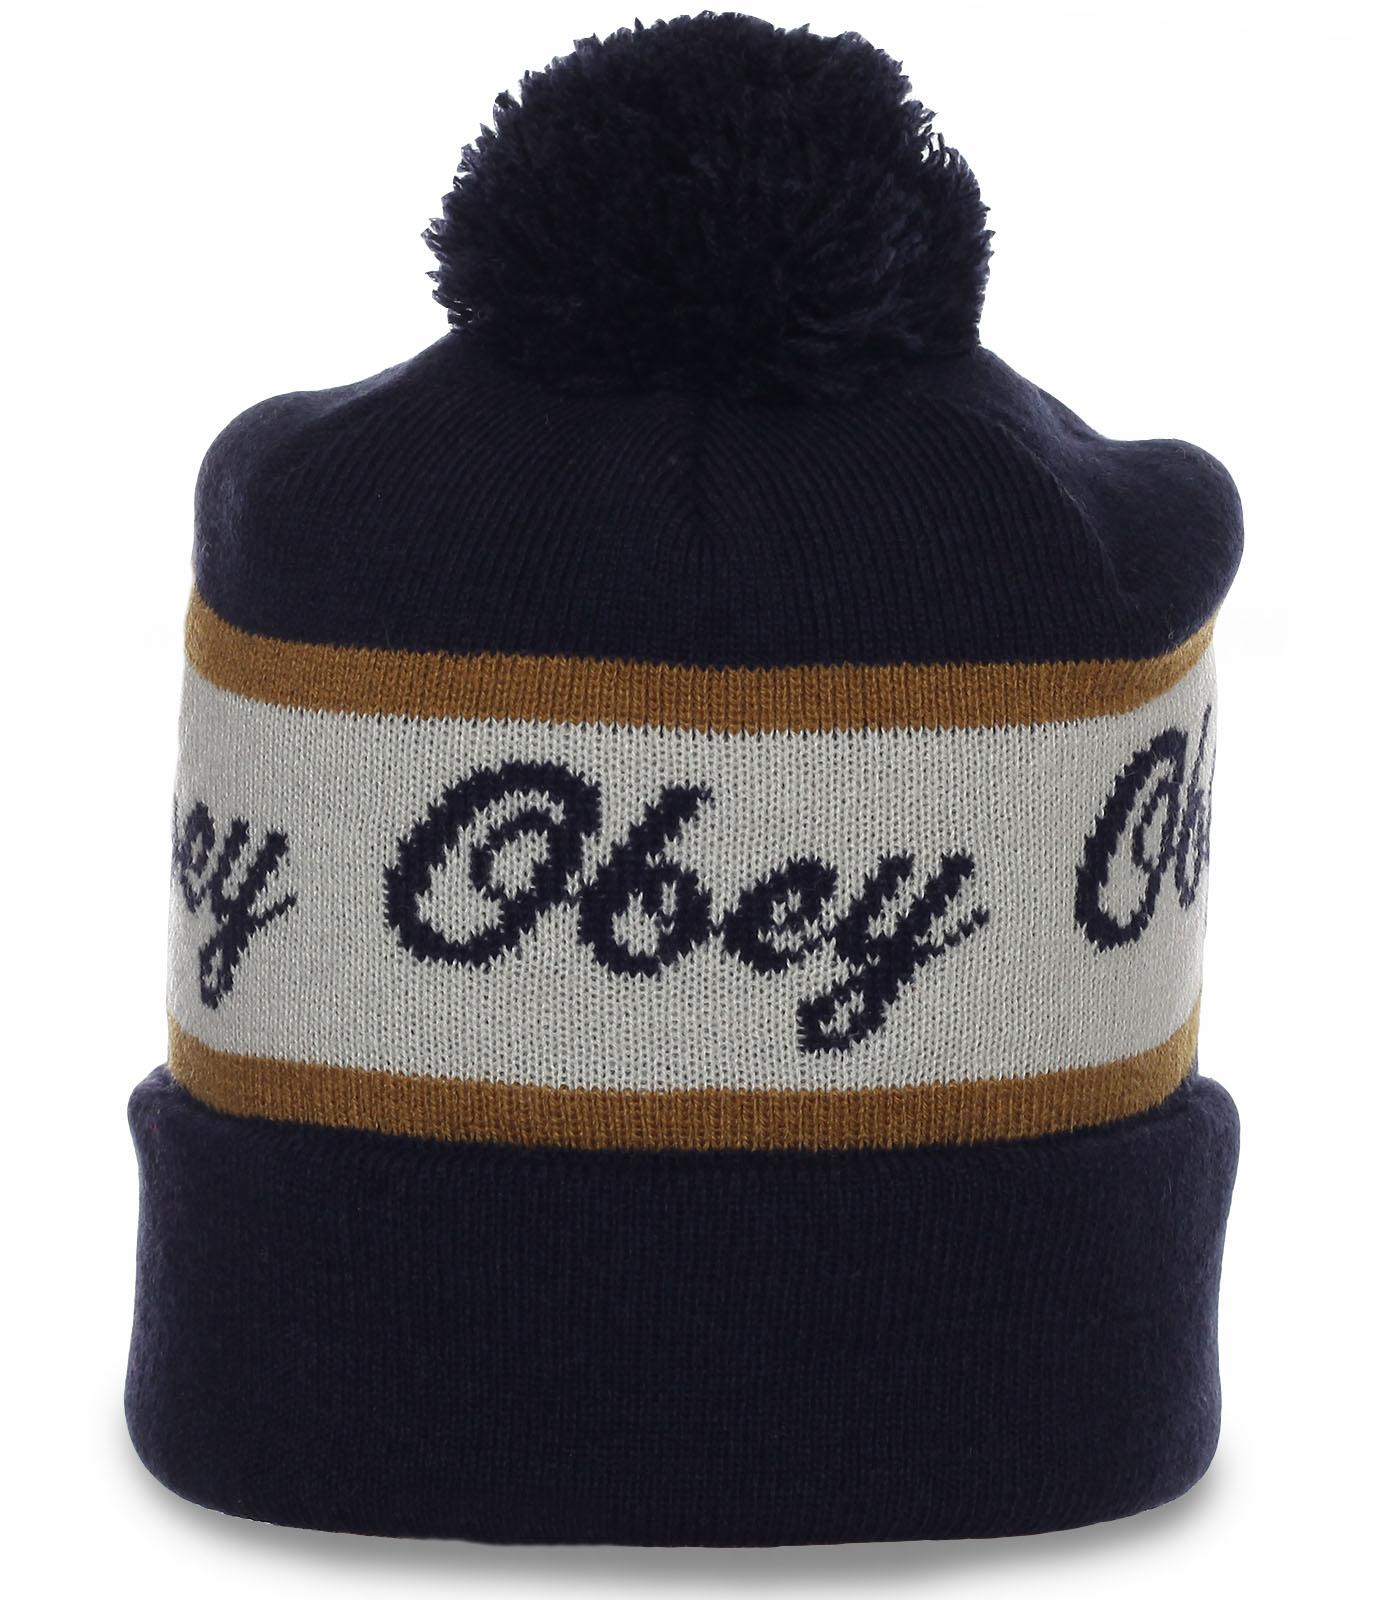 Брендовая исключительная щегольская шапка Obey модного дизайна и фасона всем кто в спорте